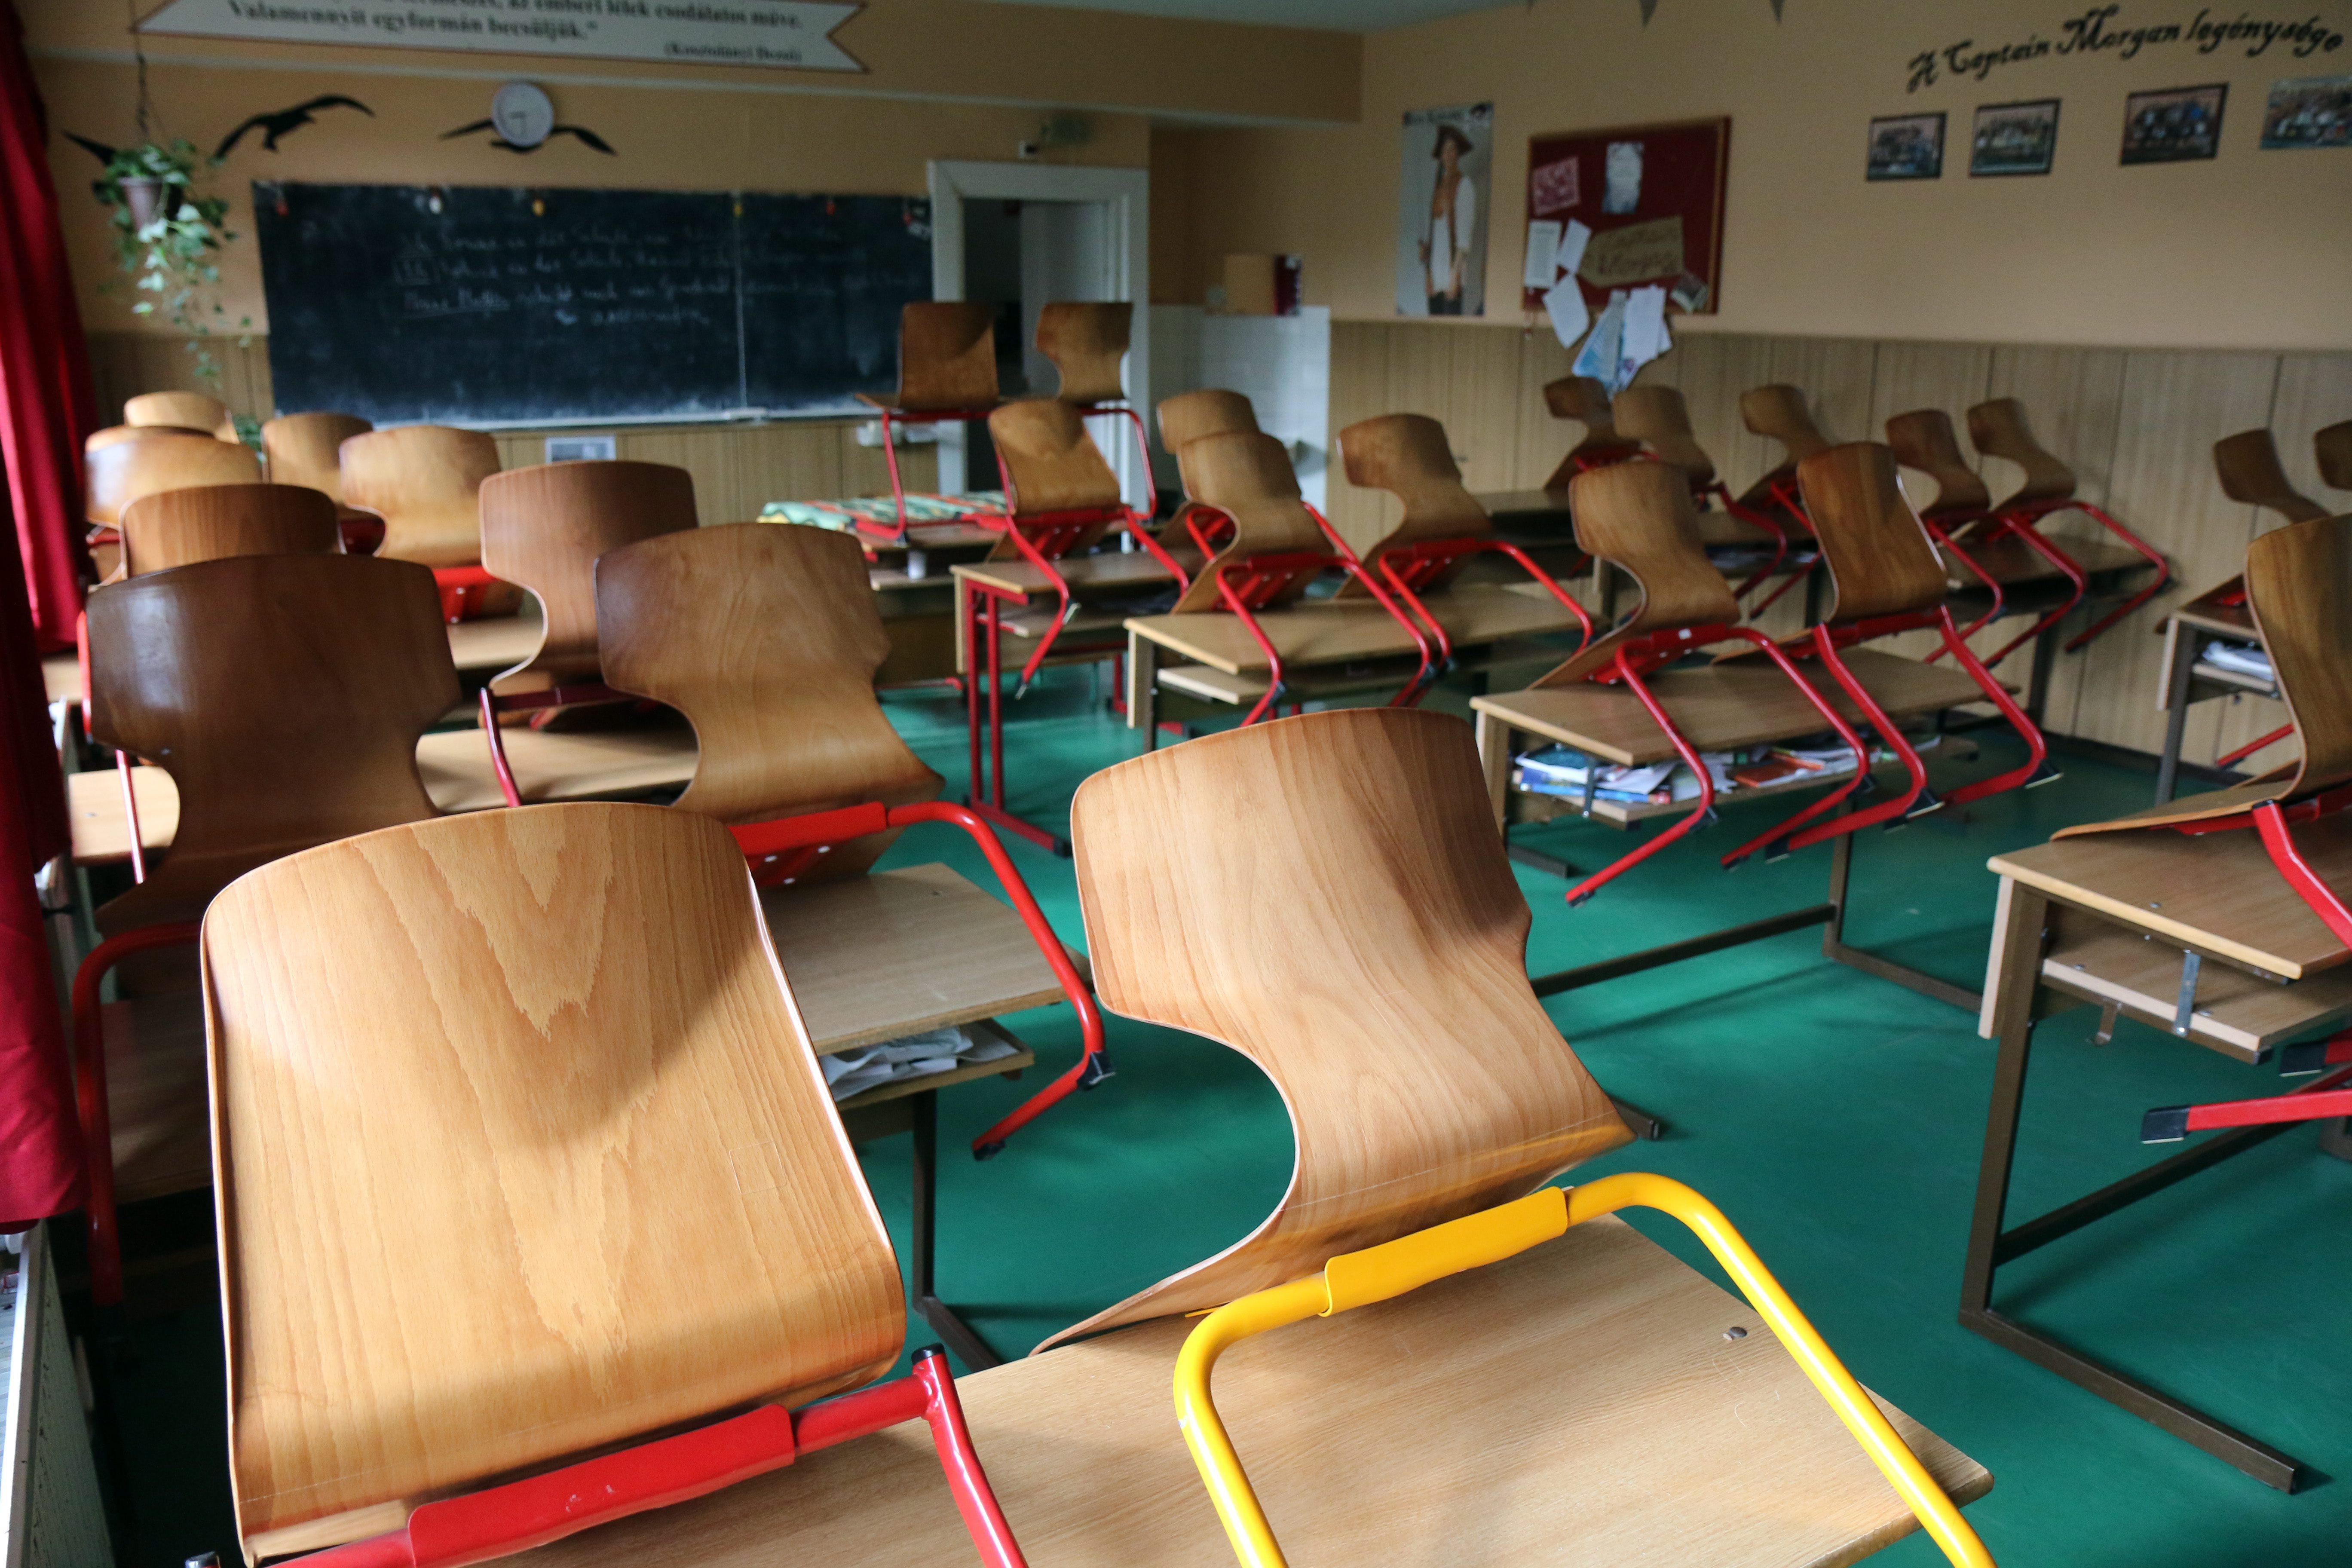 Rosszul jegyezték be a Nemzeti Pedagógus Kart